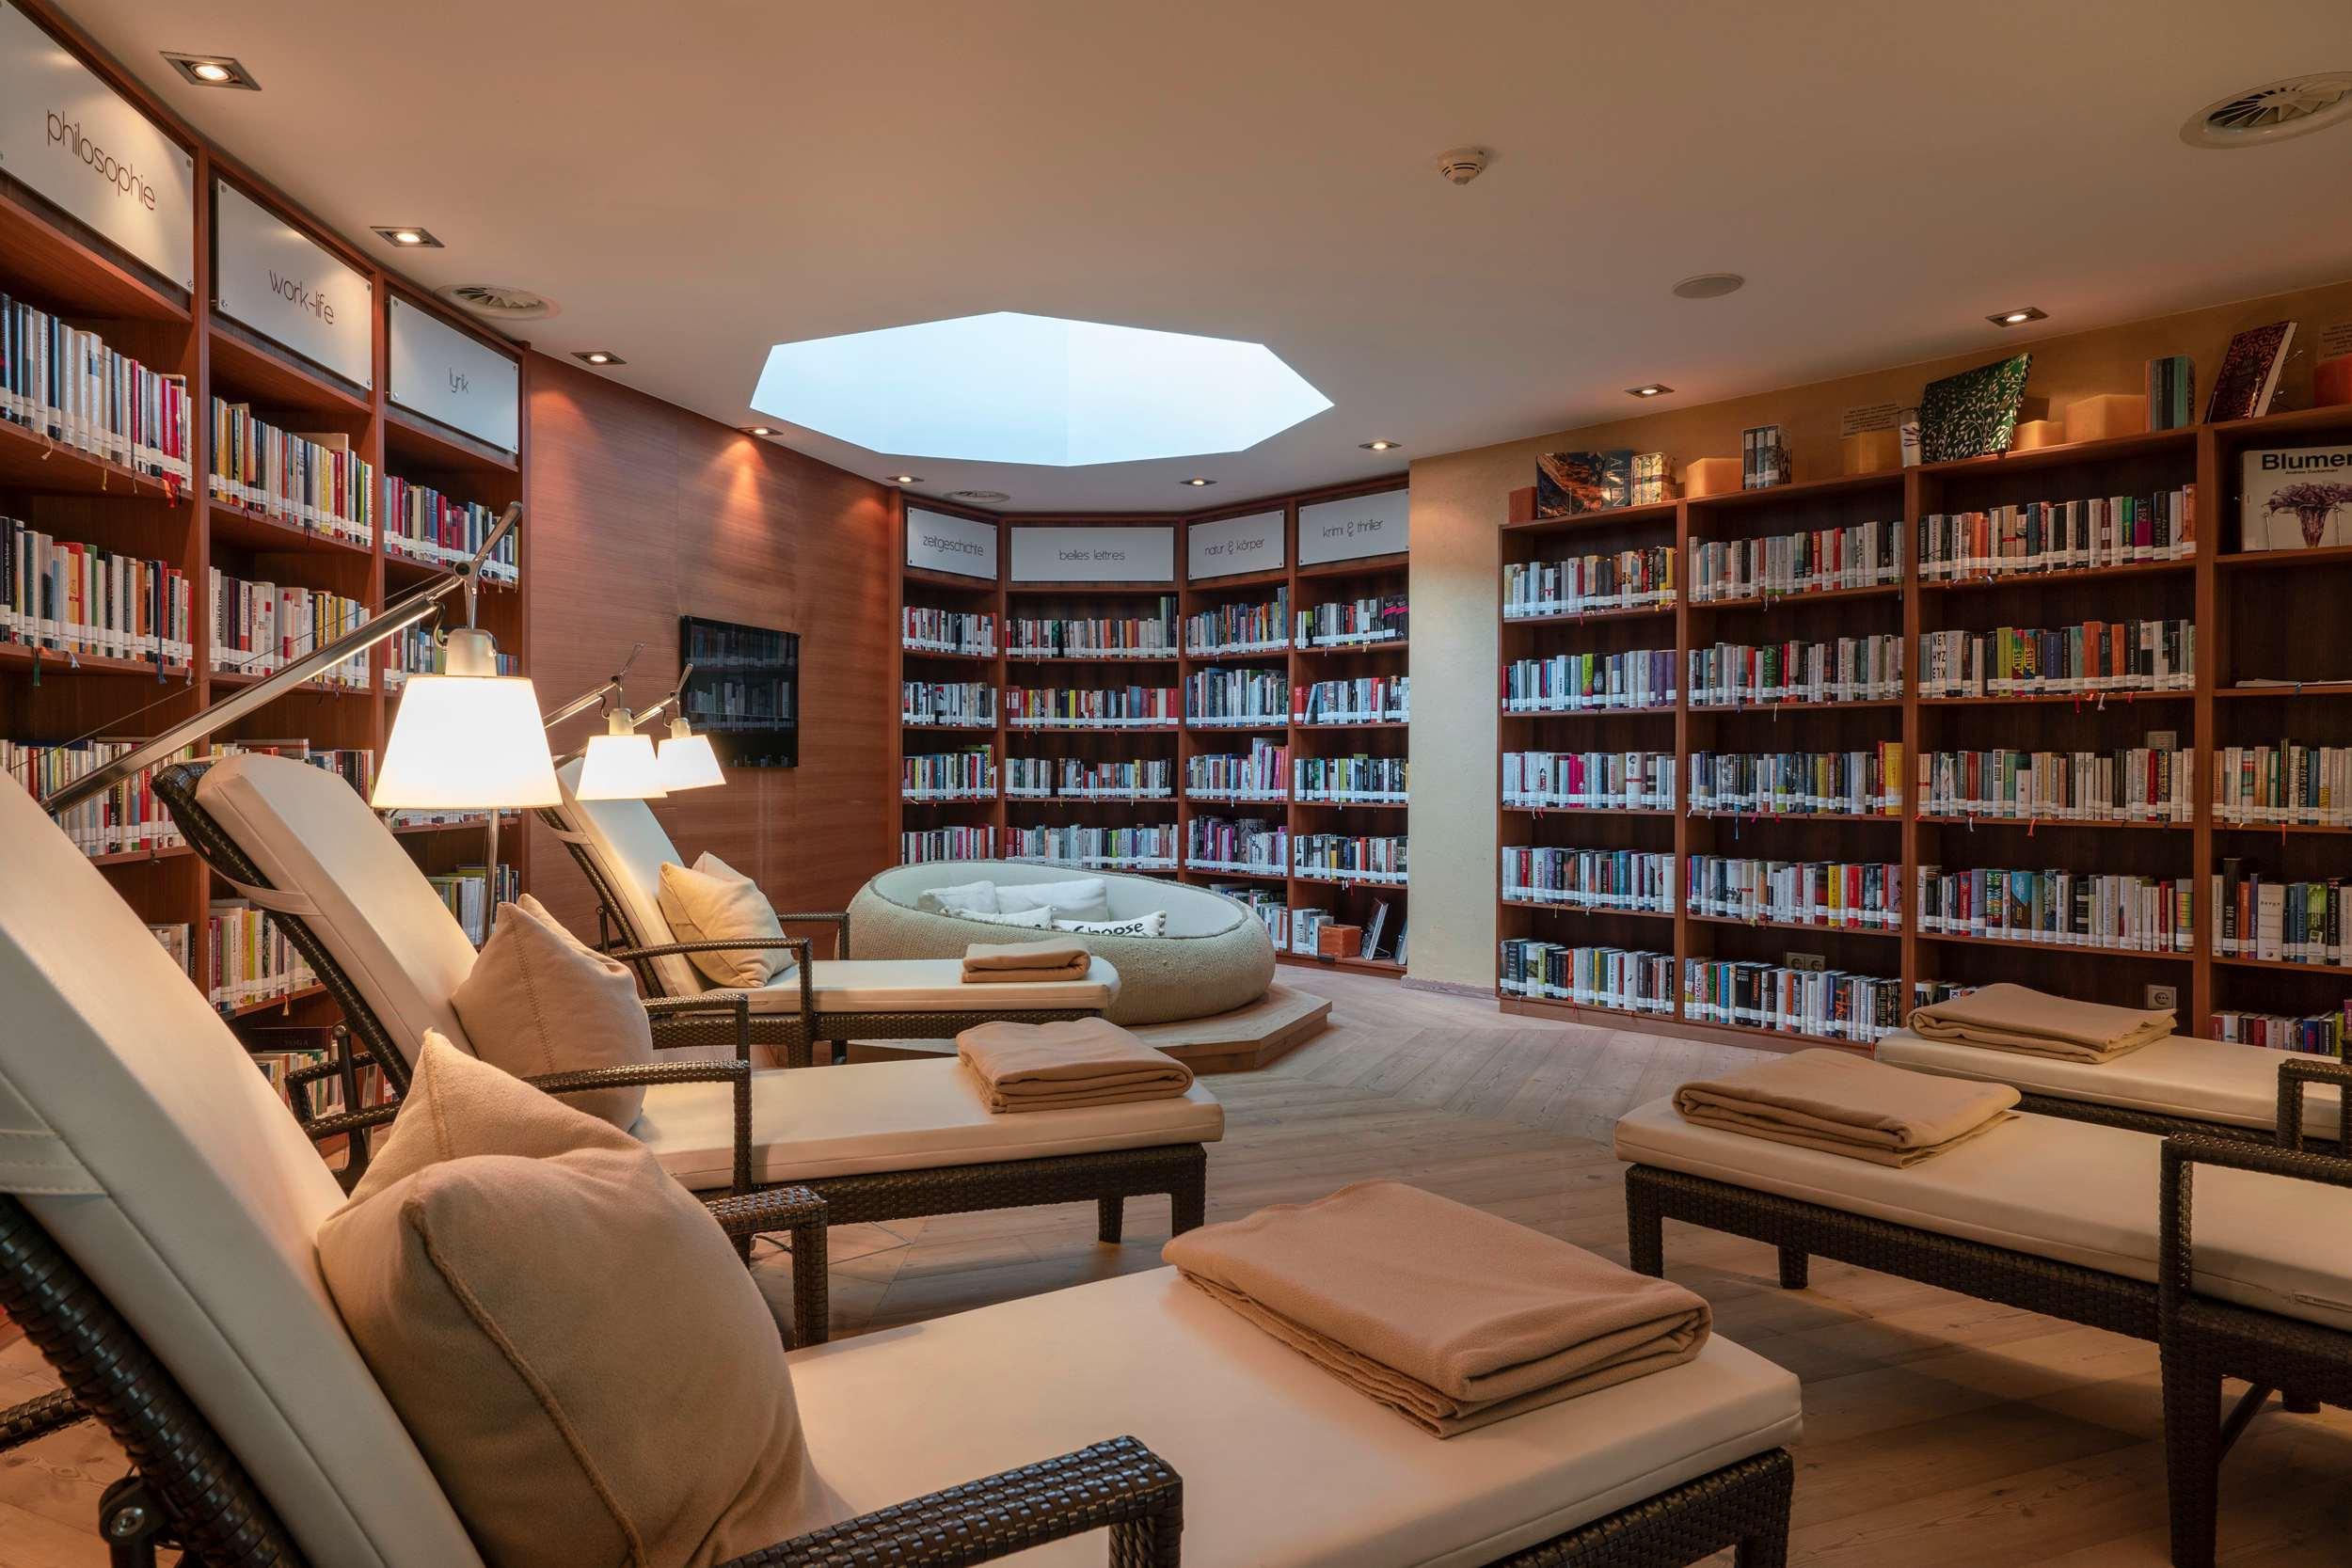 Bibliothek im Spa im Hotel Juffing und Spa